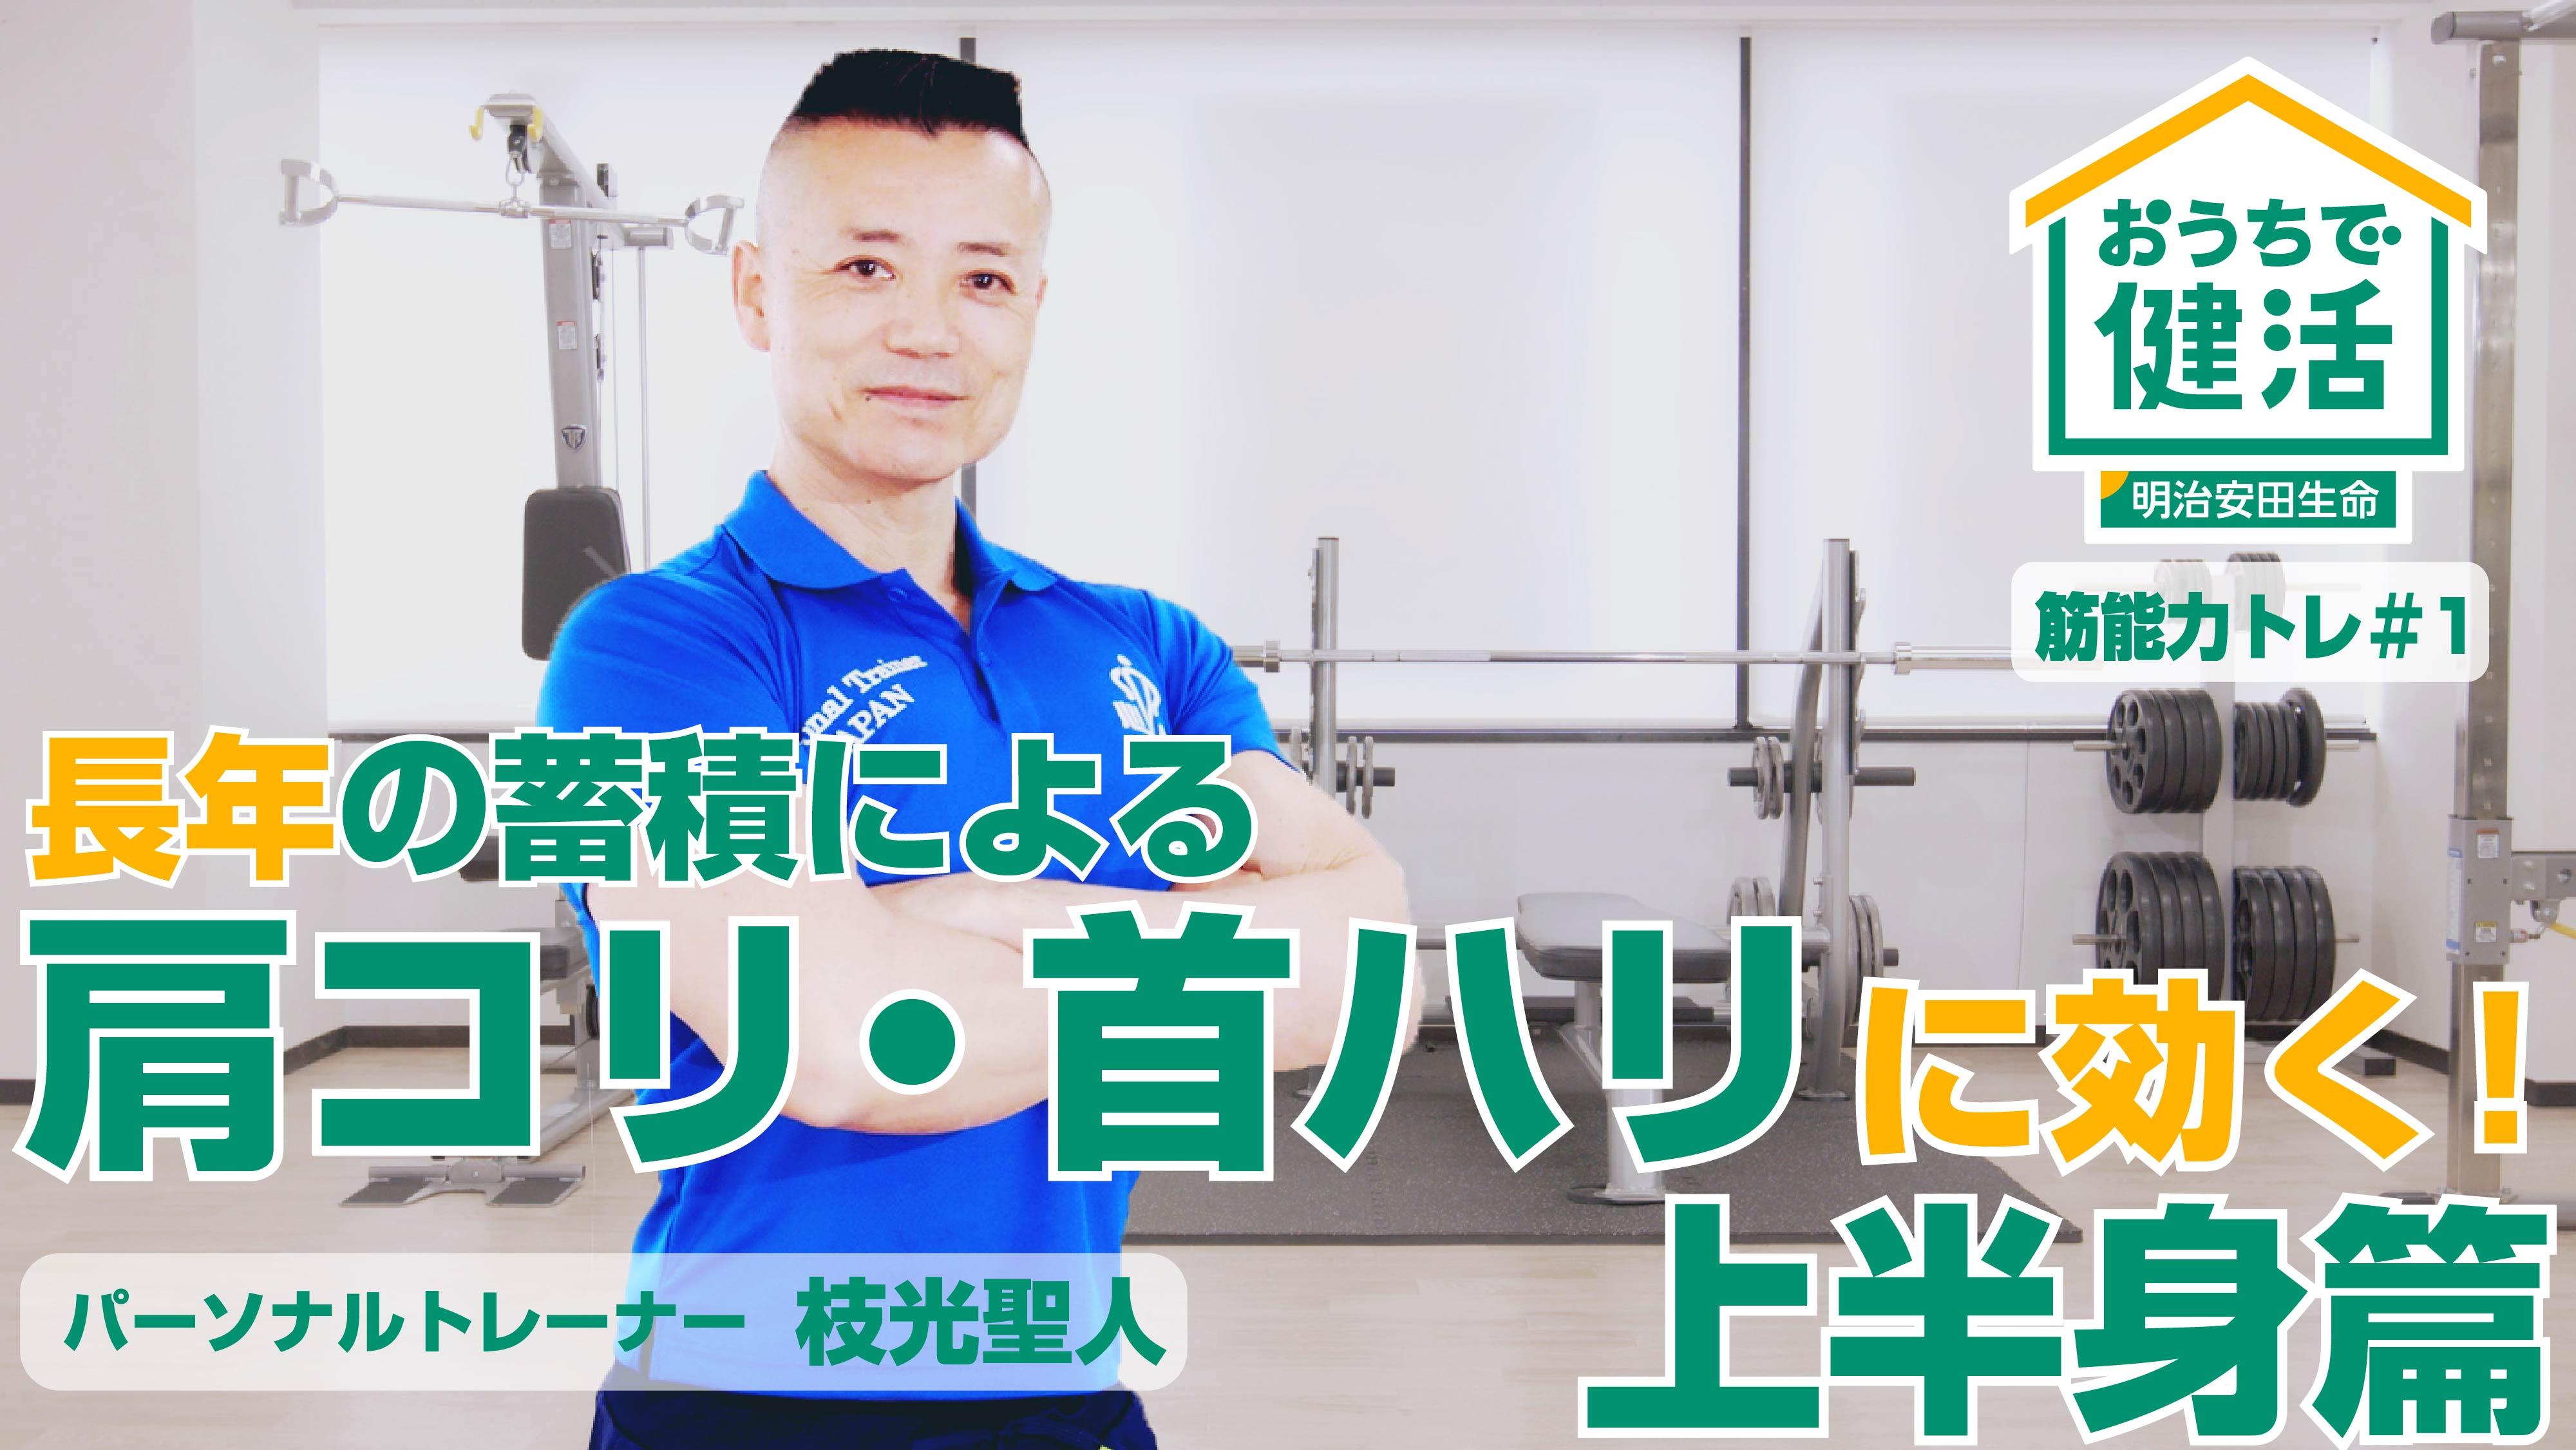 おうちで健活 筋能力トレ#1